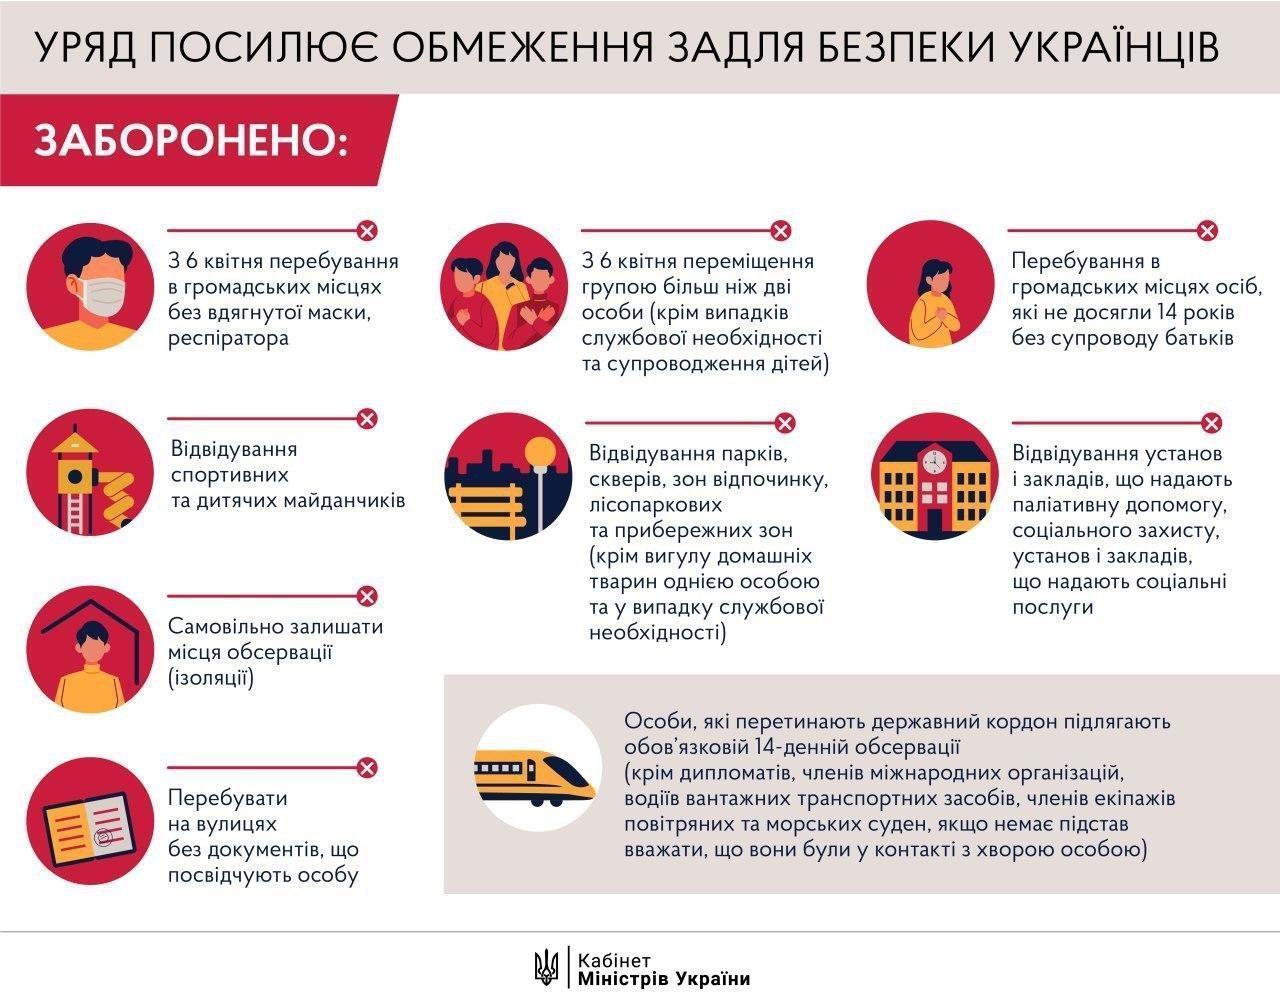 Пока без паники! Что нужно знать украинцам, если введут комендантский час